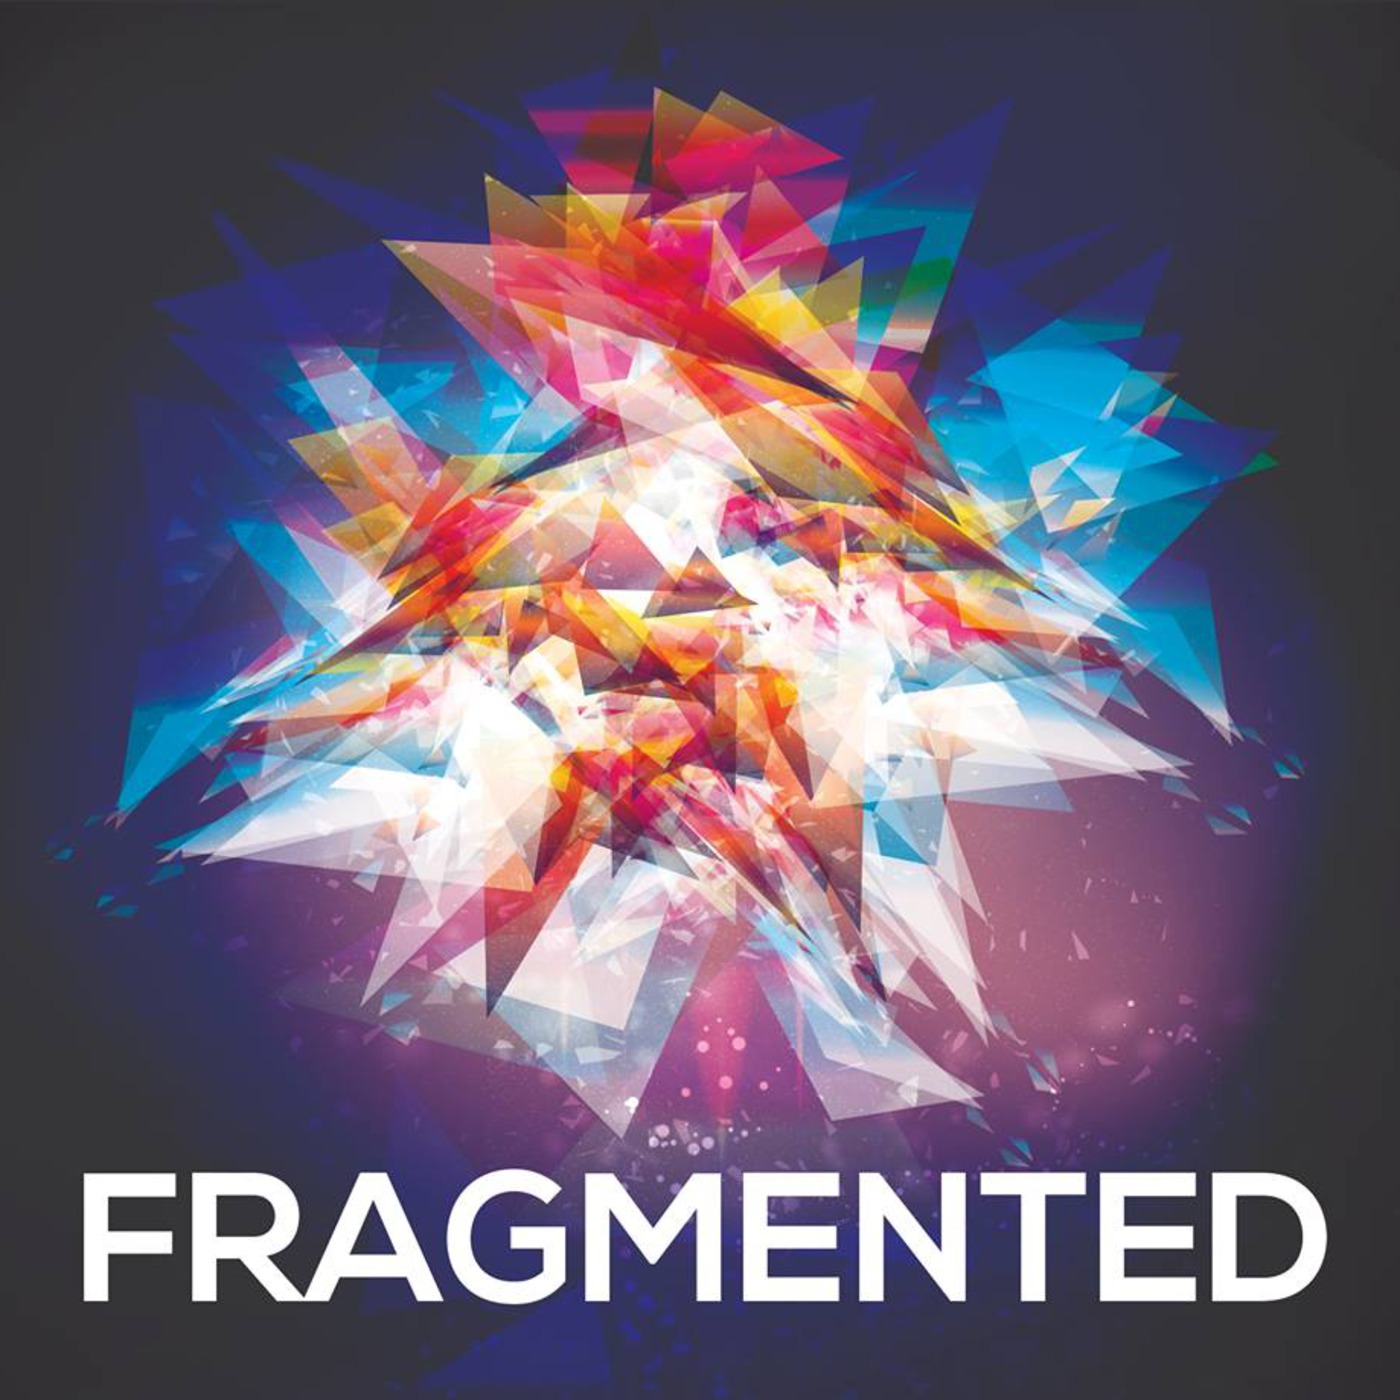 FragmentedPR